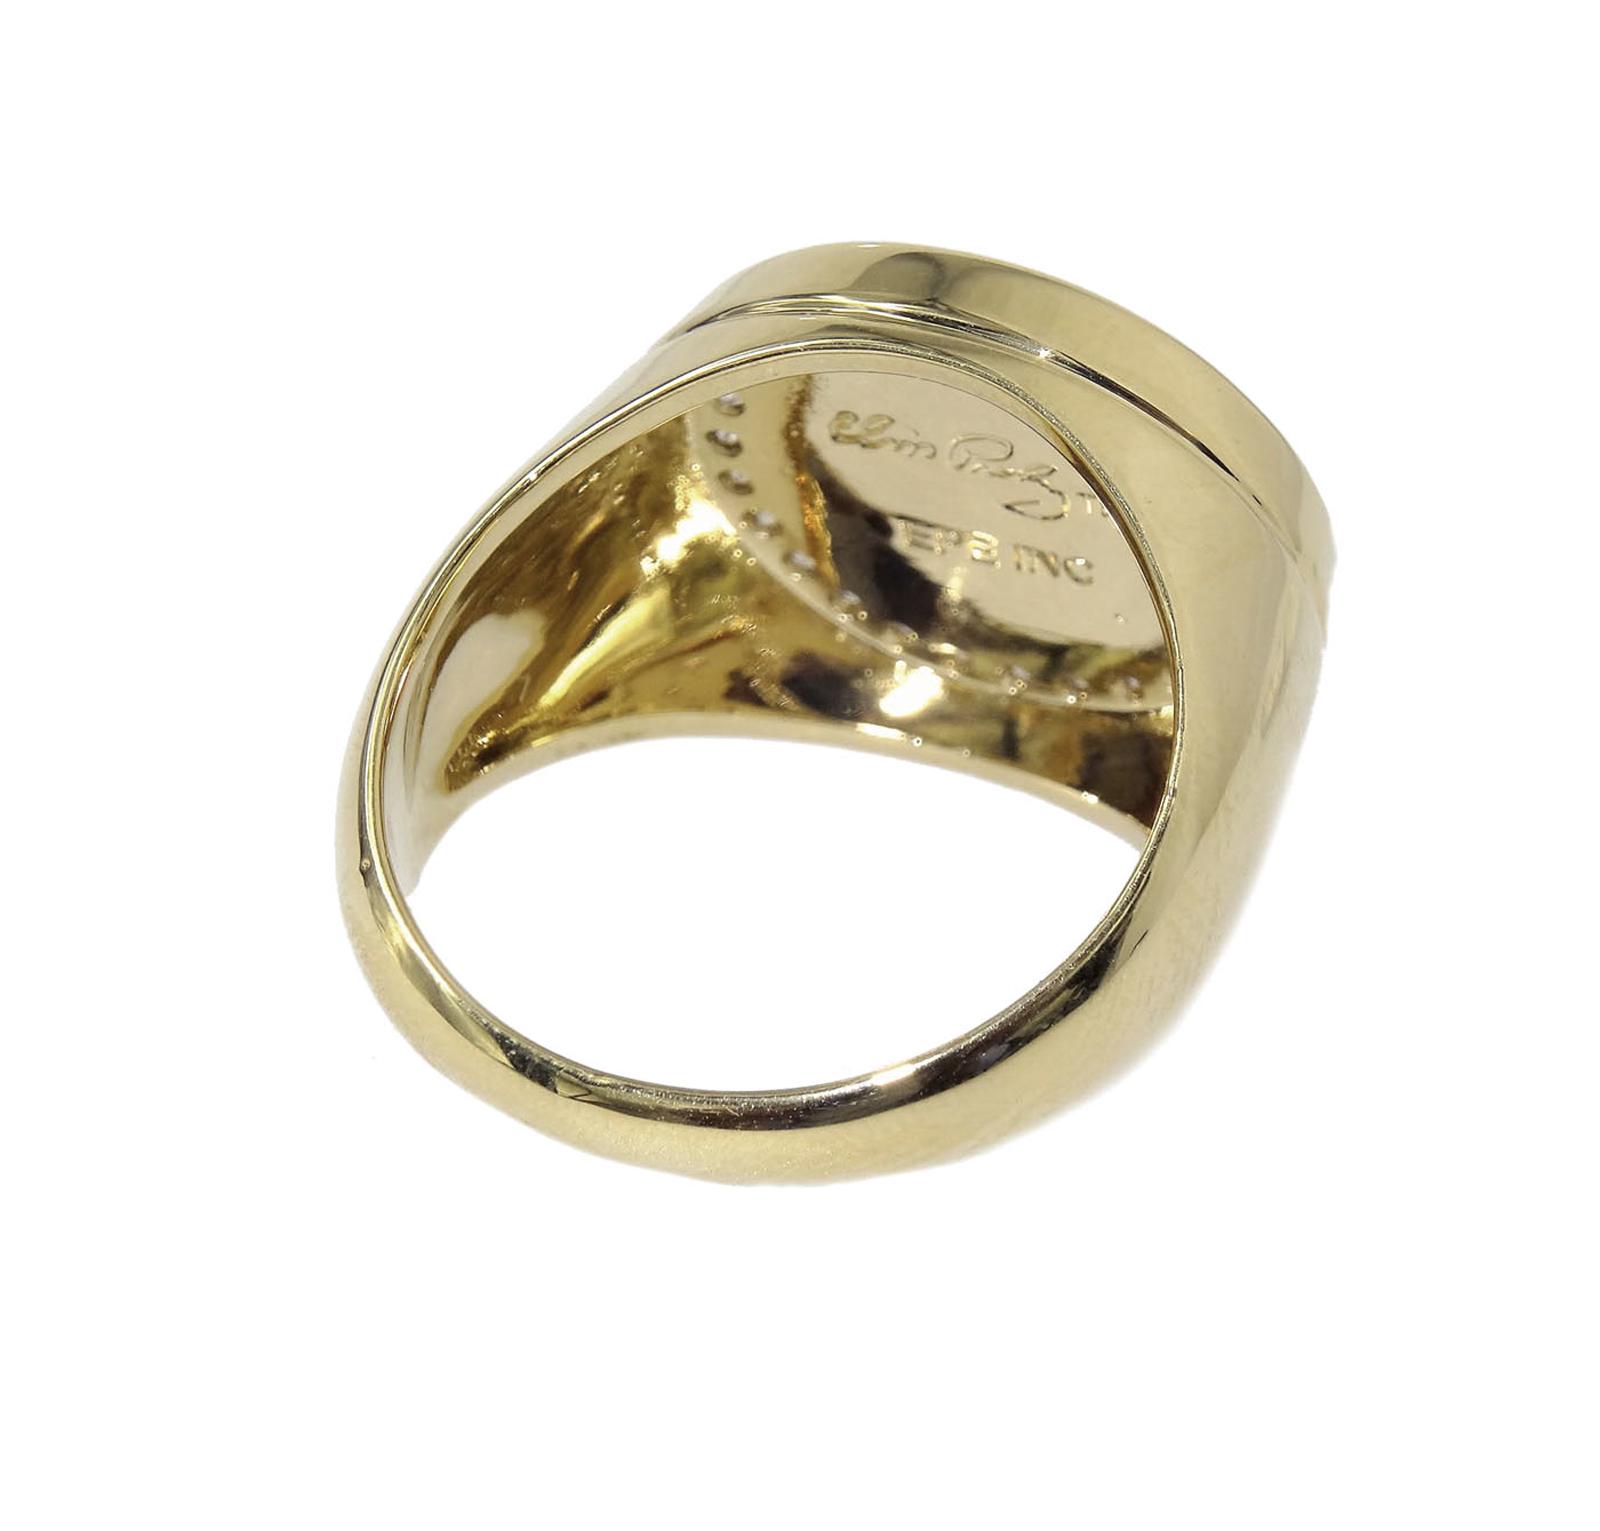 Elvis Jewellery - Elvis Presley – Indian Head Coin Ring